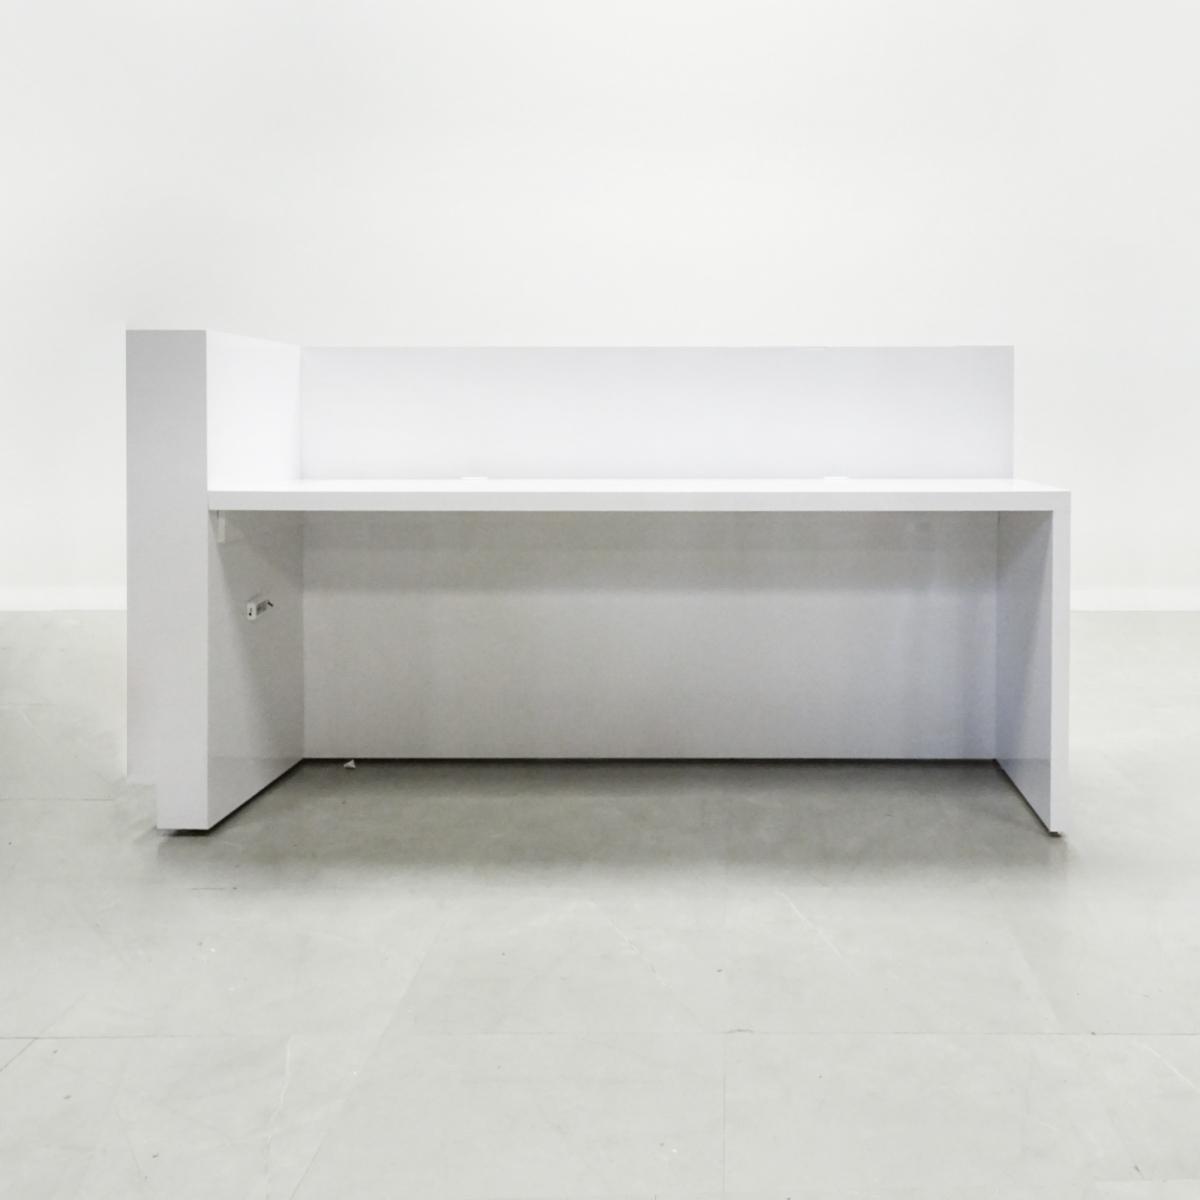 60 In. Manhattan  Reception Desk - Stock #85